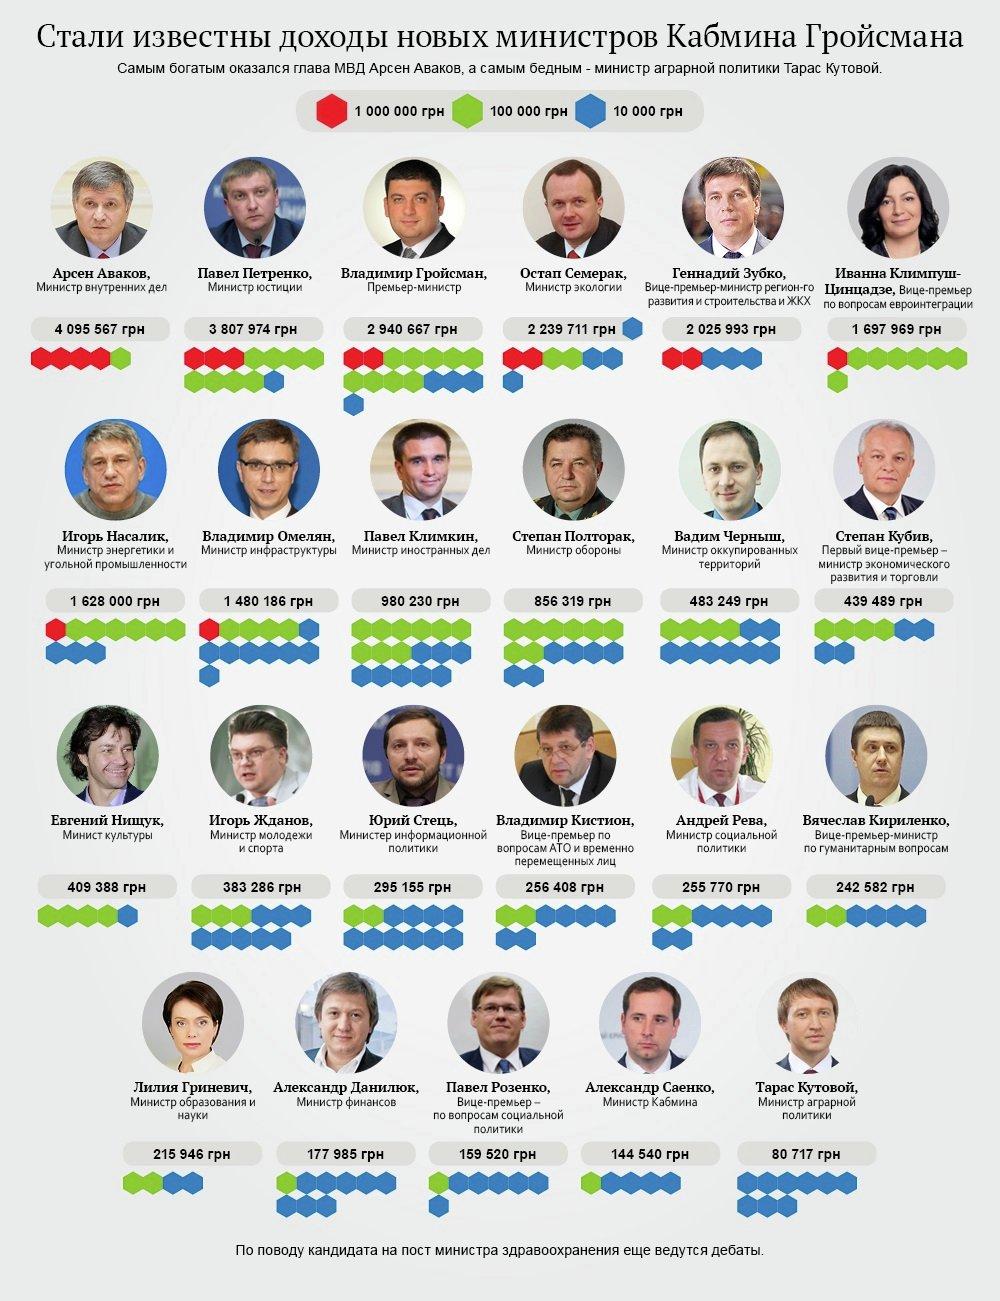 Доходы новых министров. Инфографика